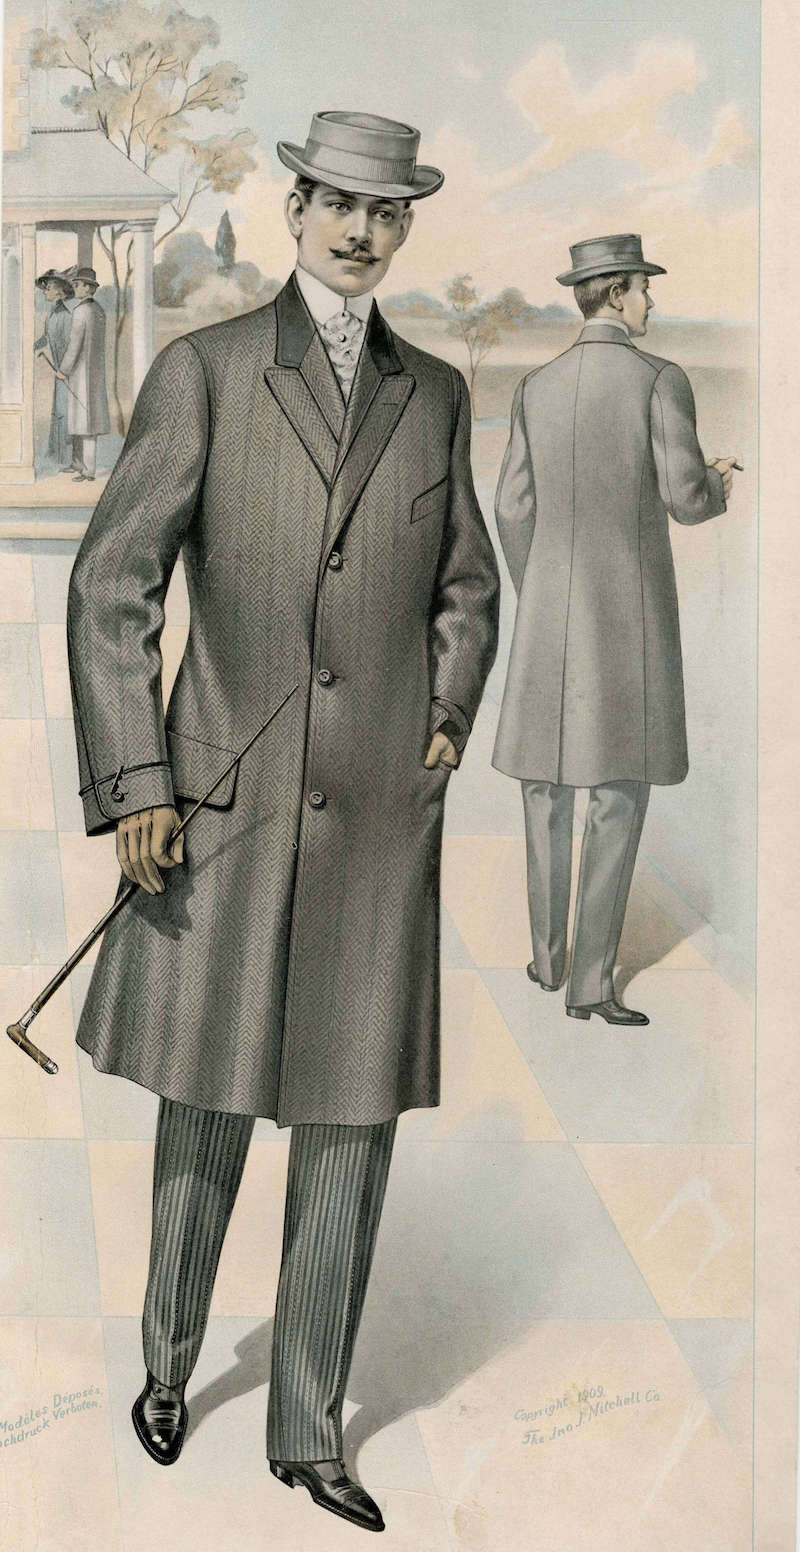 snygga jackor för män 1920-tal